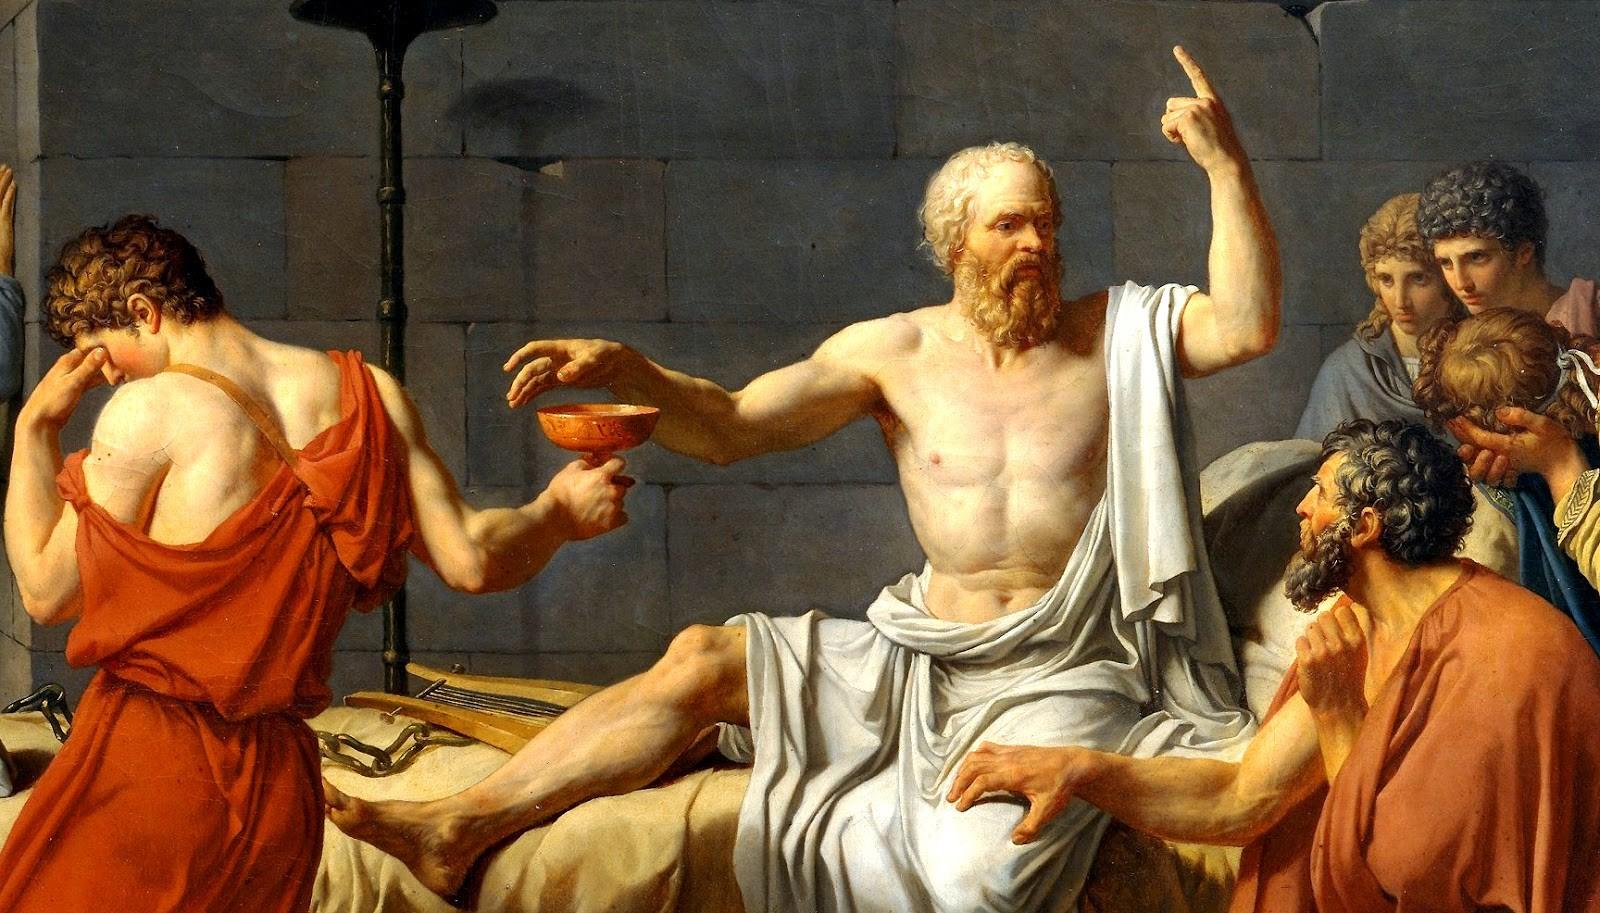 Notiuni din Grecia antica despre suflet